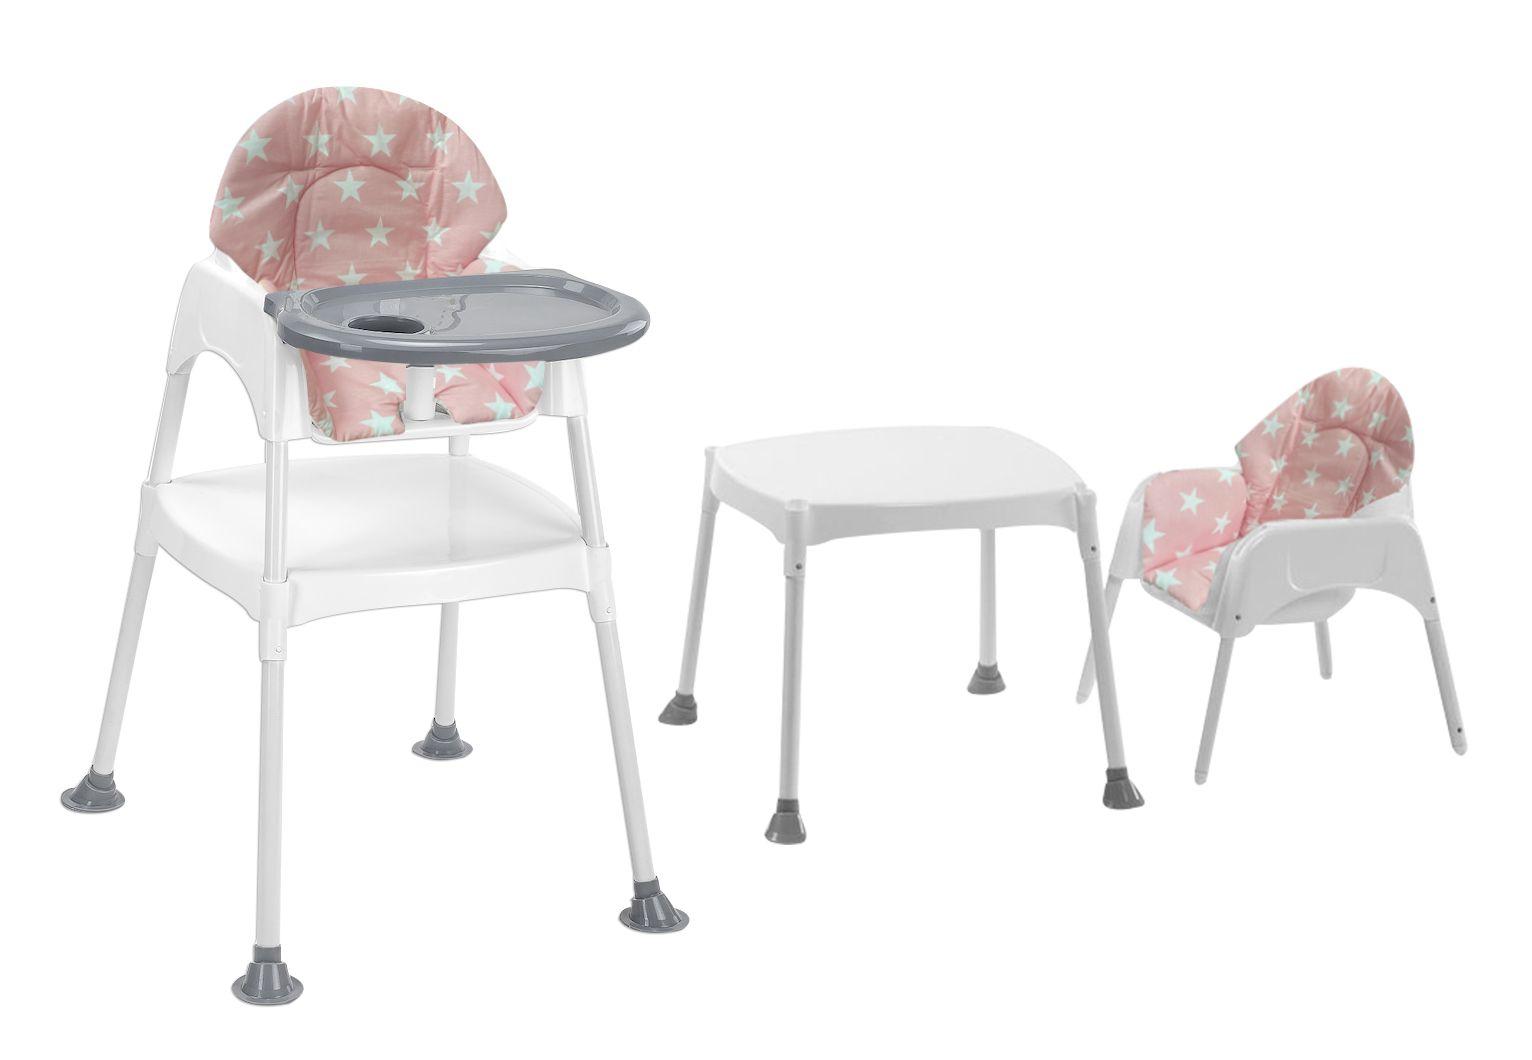 Moje Boom Çalışma Masalı Portatif Mama Sandalyesi - Gri Pembe Yıldız